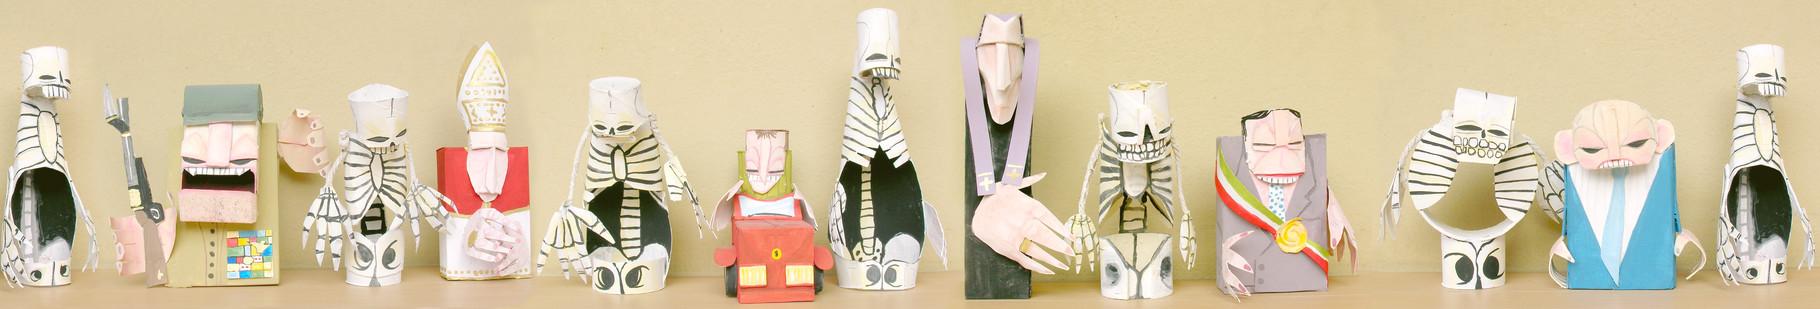 TOTENTANZ danza macabra -2007 - imballaggi di recupero - 18x80x7